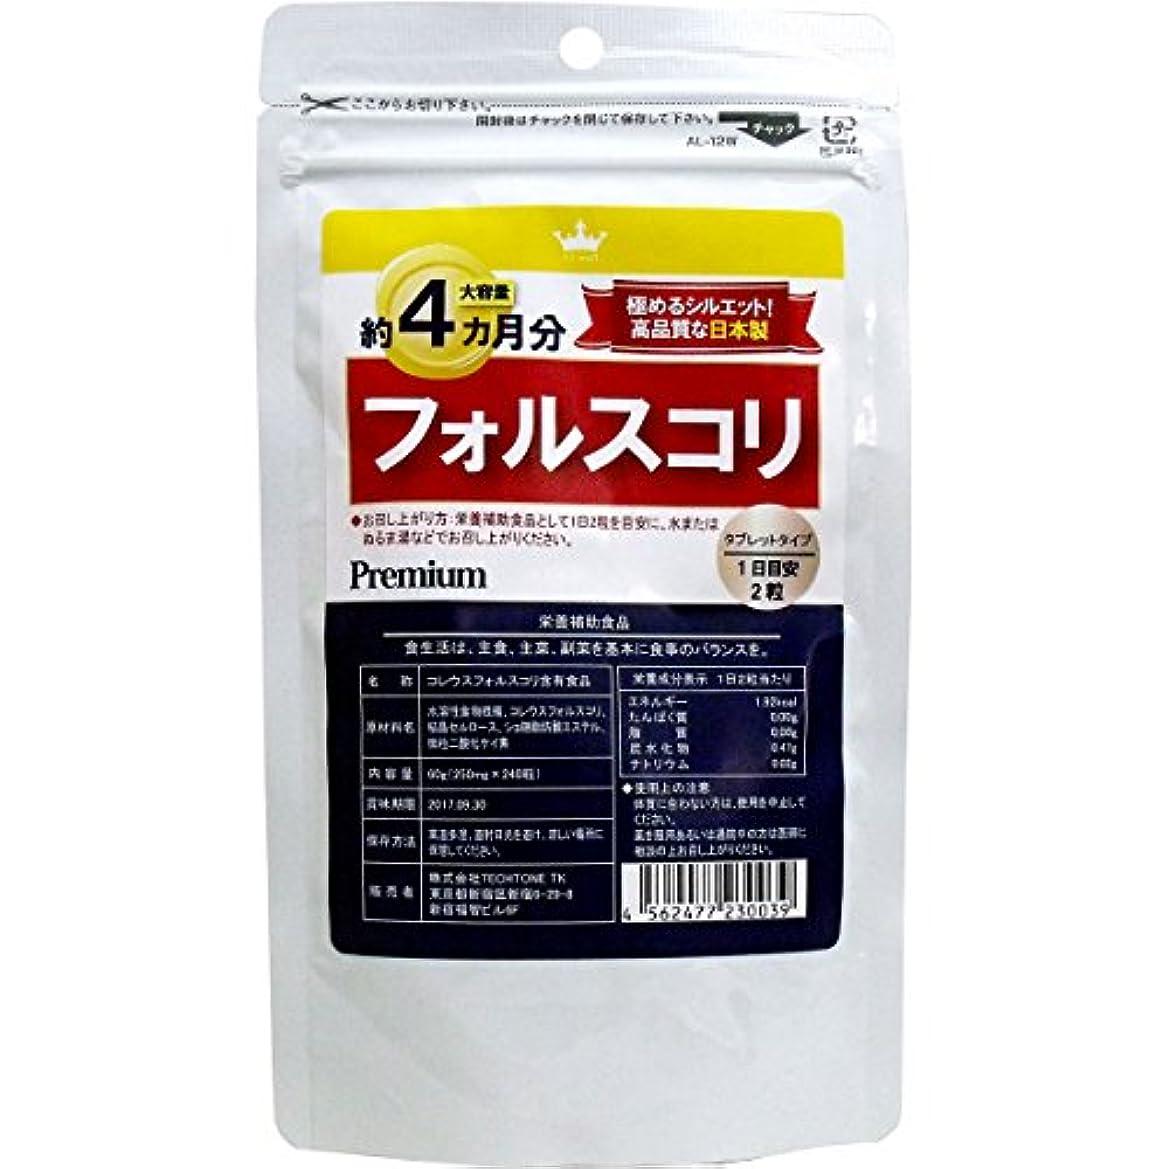 大臣囲む呪われたサプリメント 高品質な日本製 健康食品 フォルスコリ 約4カ月分 240粒入【5個セット】